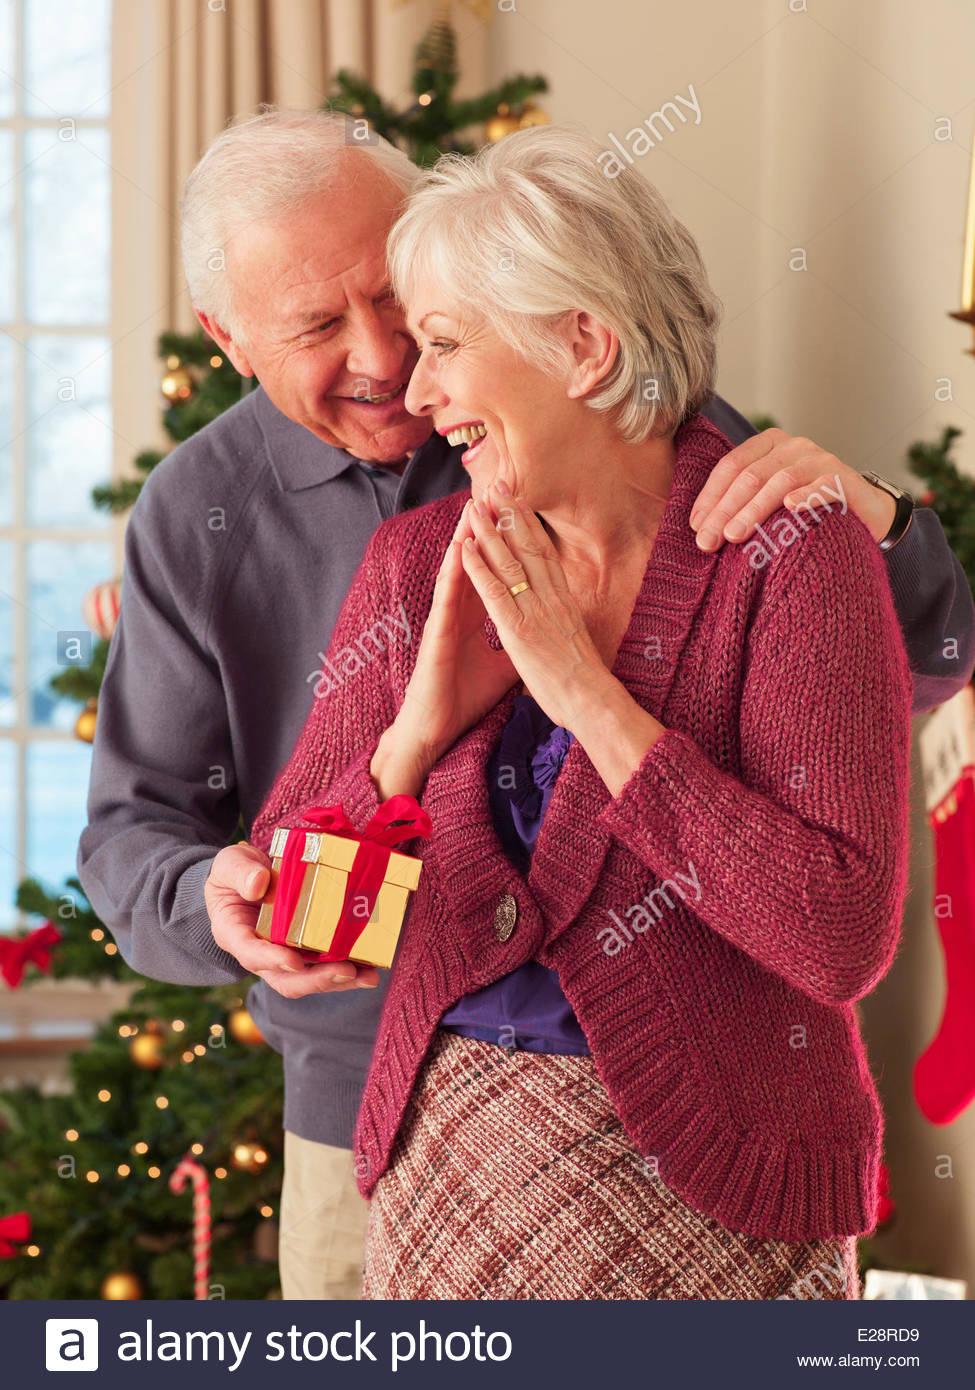 Hombre Mujer sorprendente con regalo de Navidad Imagen De Stock